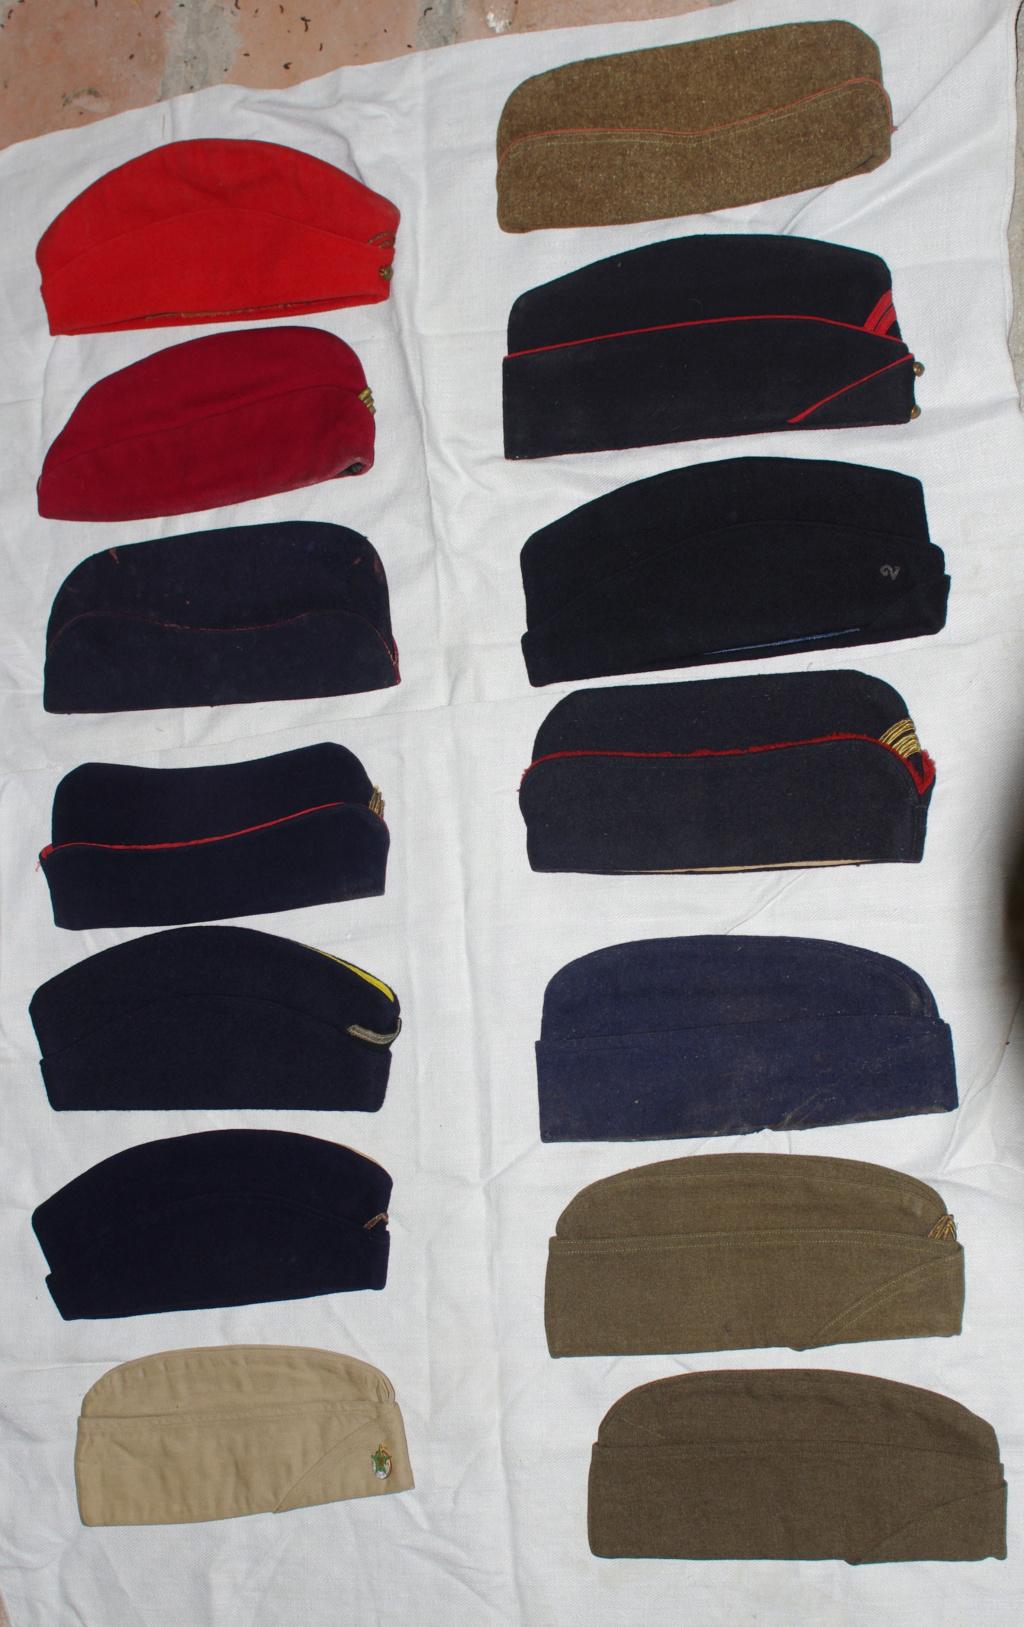 Les bonnets de police - Page 4 Ik5m6815